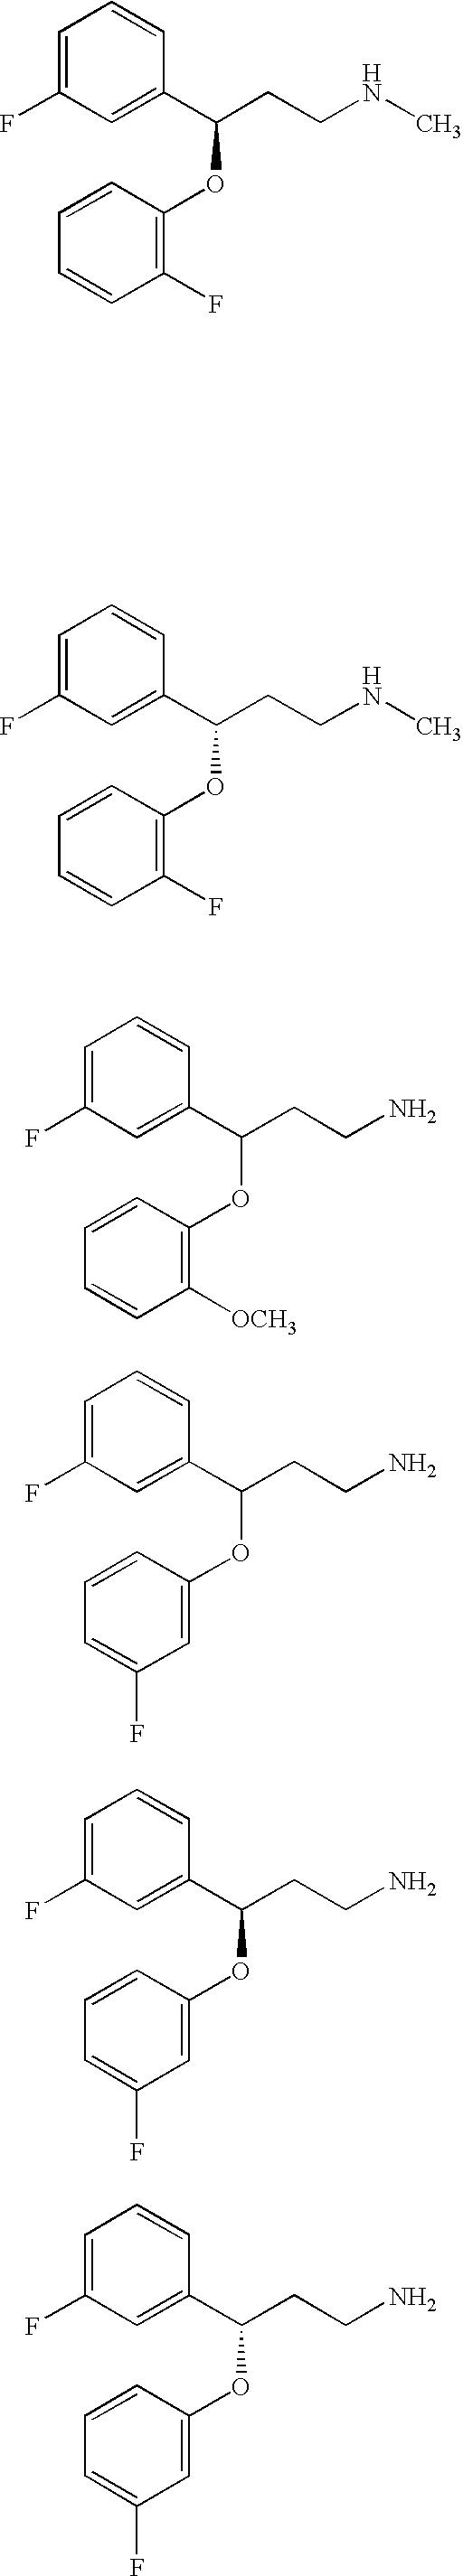 Figure US20050282859A1-20051222-C00014